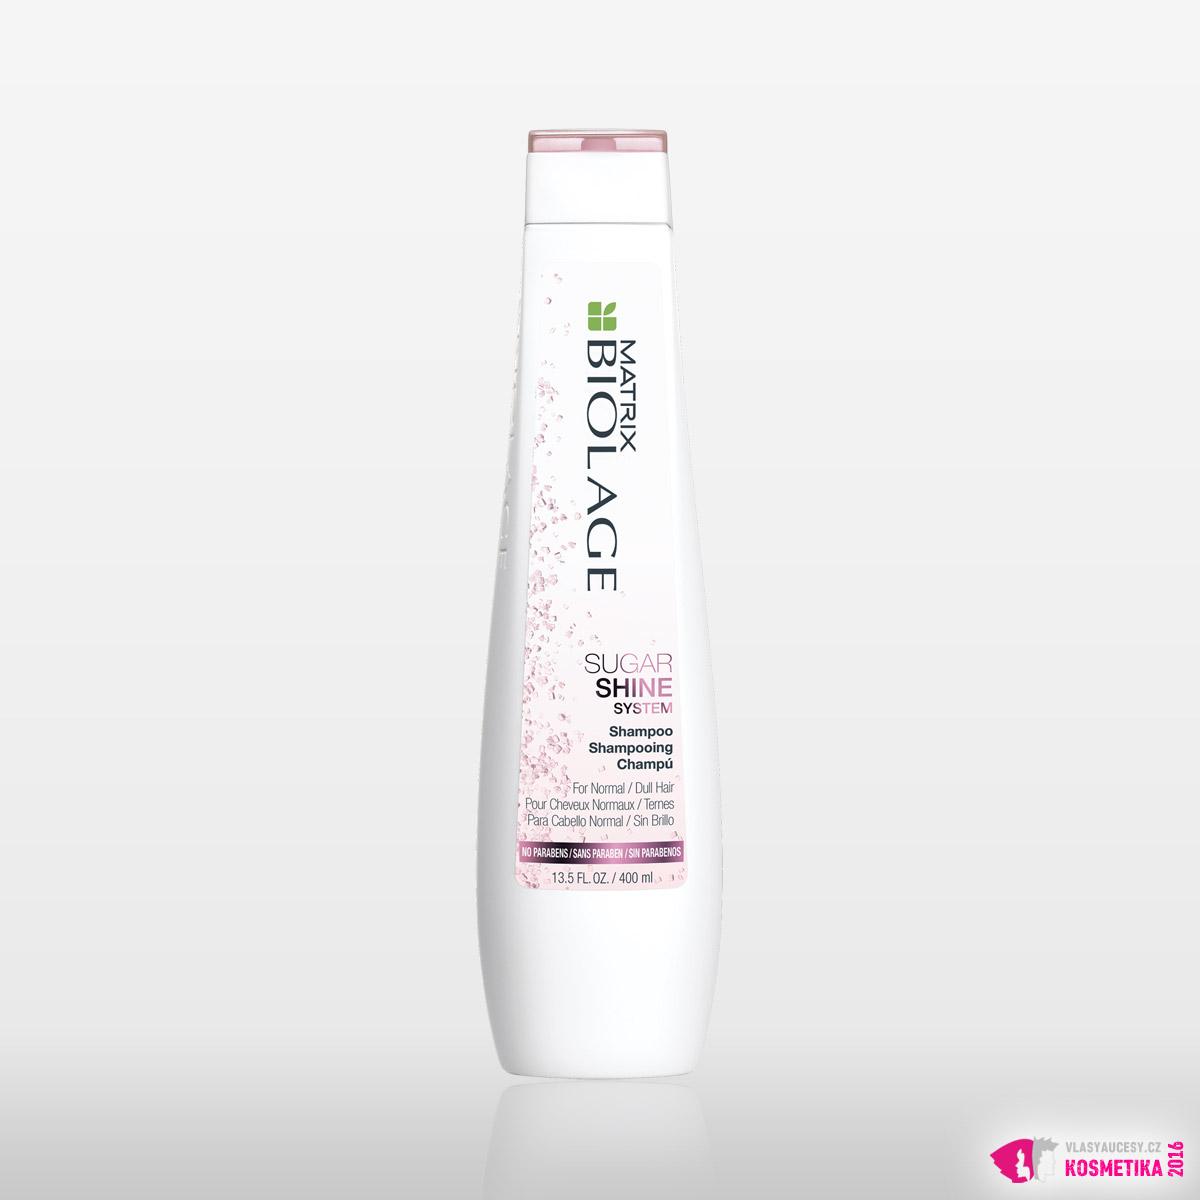 Šampon Sugar Shine Matrix Biolage pro intenzivní lesk